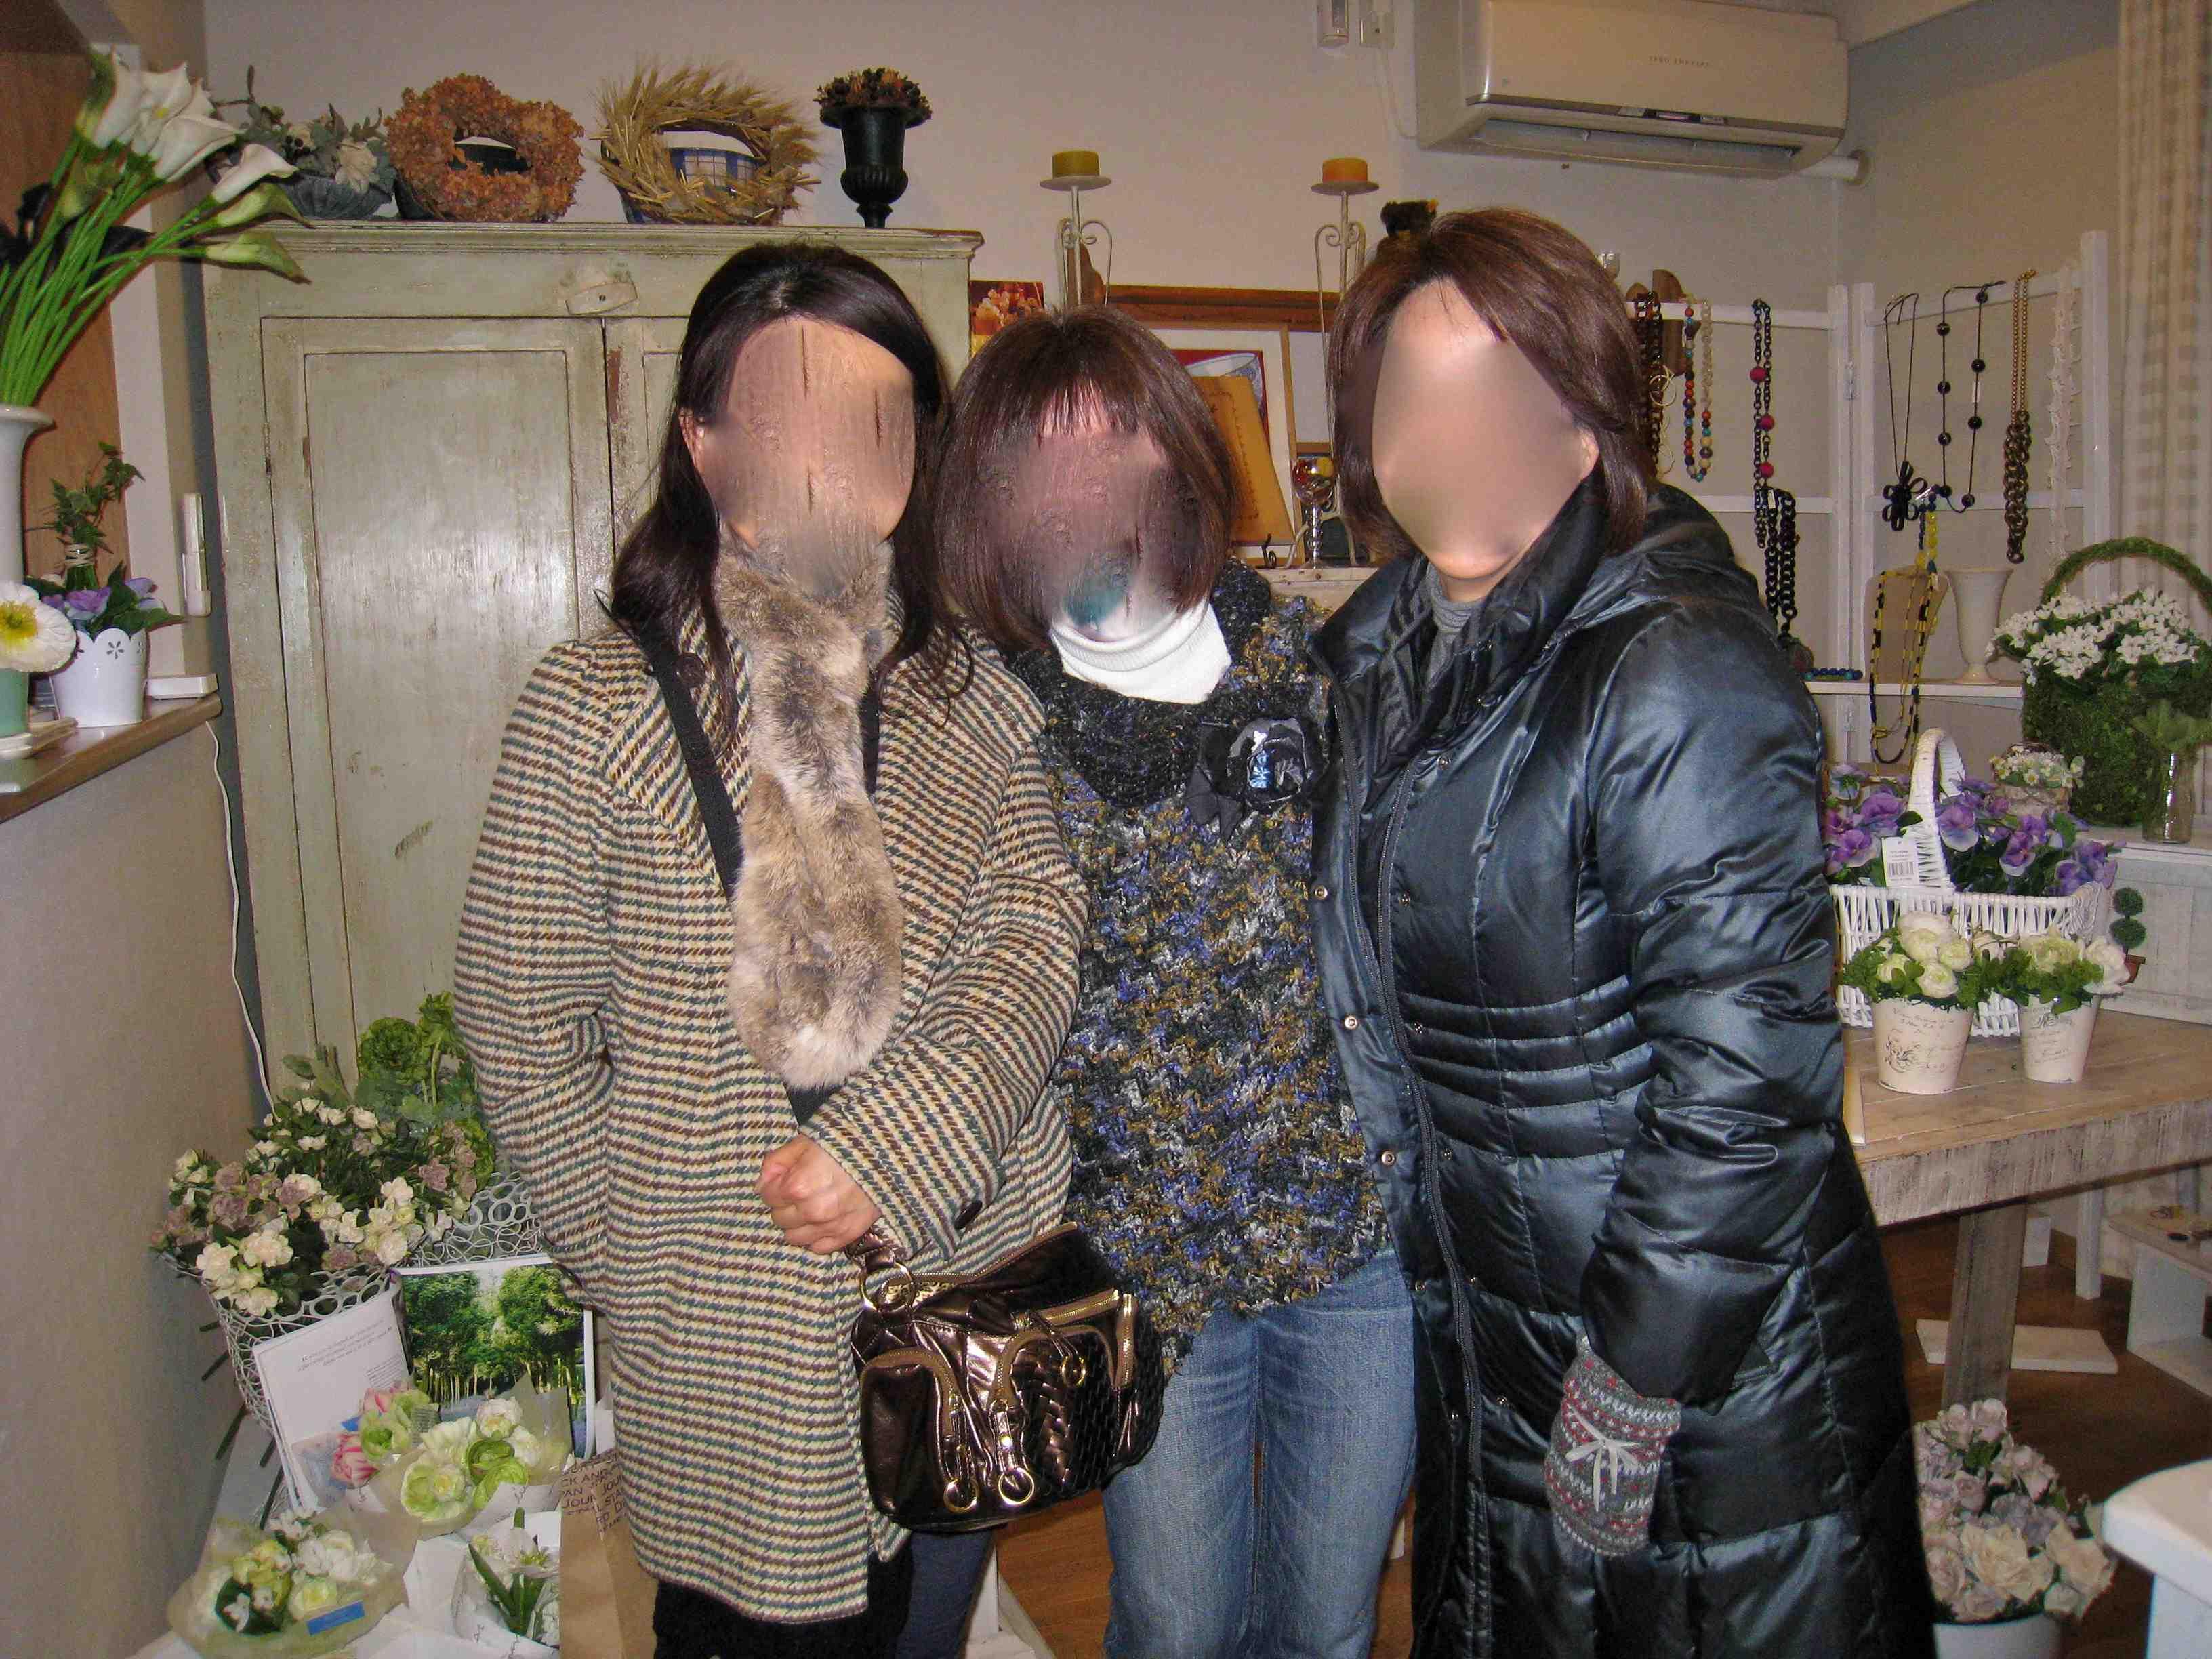 f0233356_2011832.jpg